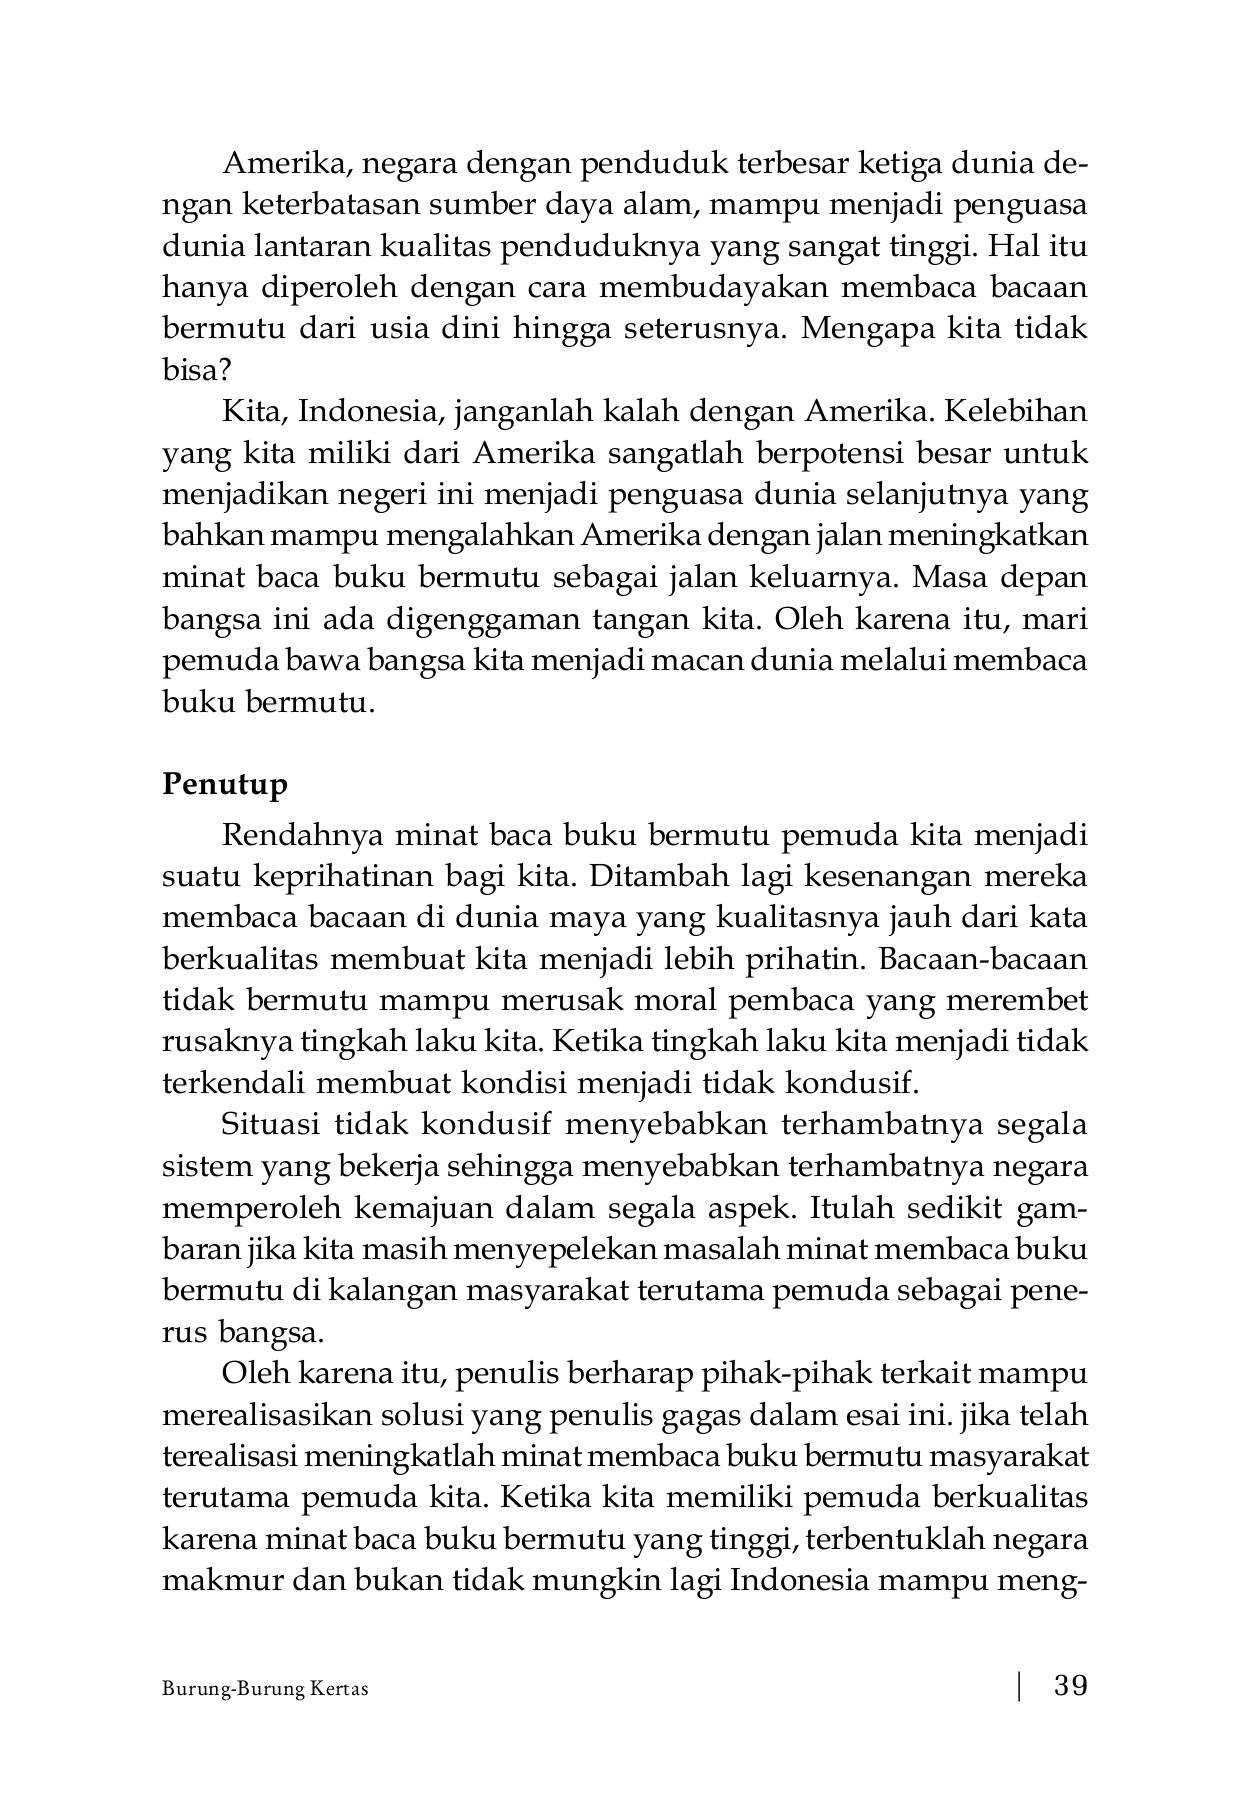 BURUNG BURUNG KERTAS Antologi Cerpen 201 Flip Book Pages 51